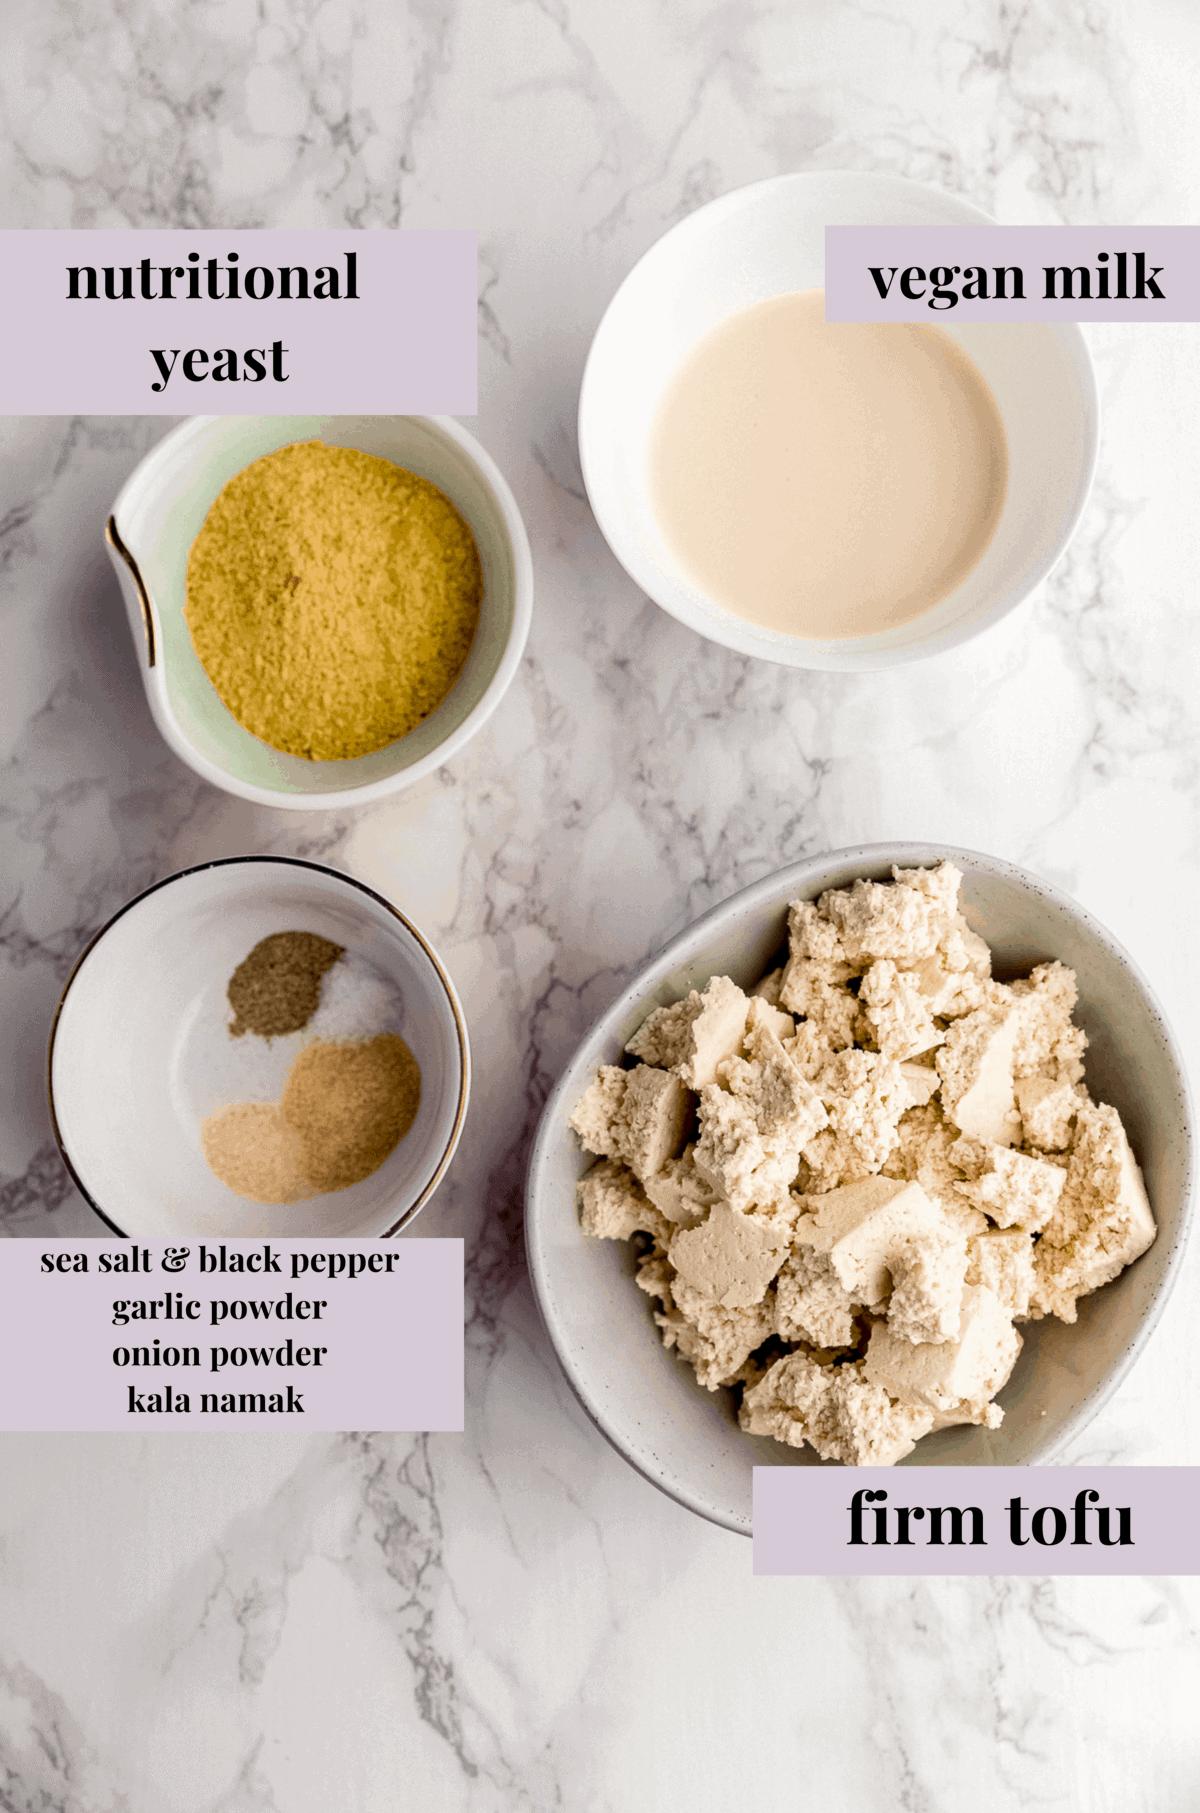 ingredients for making a vegan tofu egg